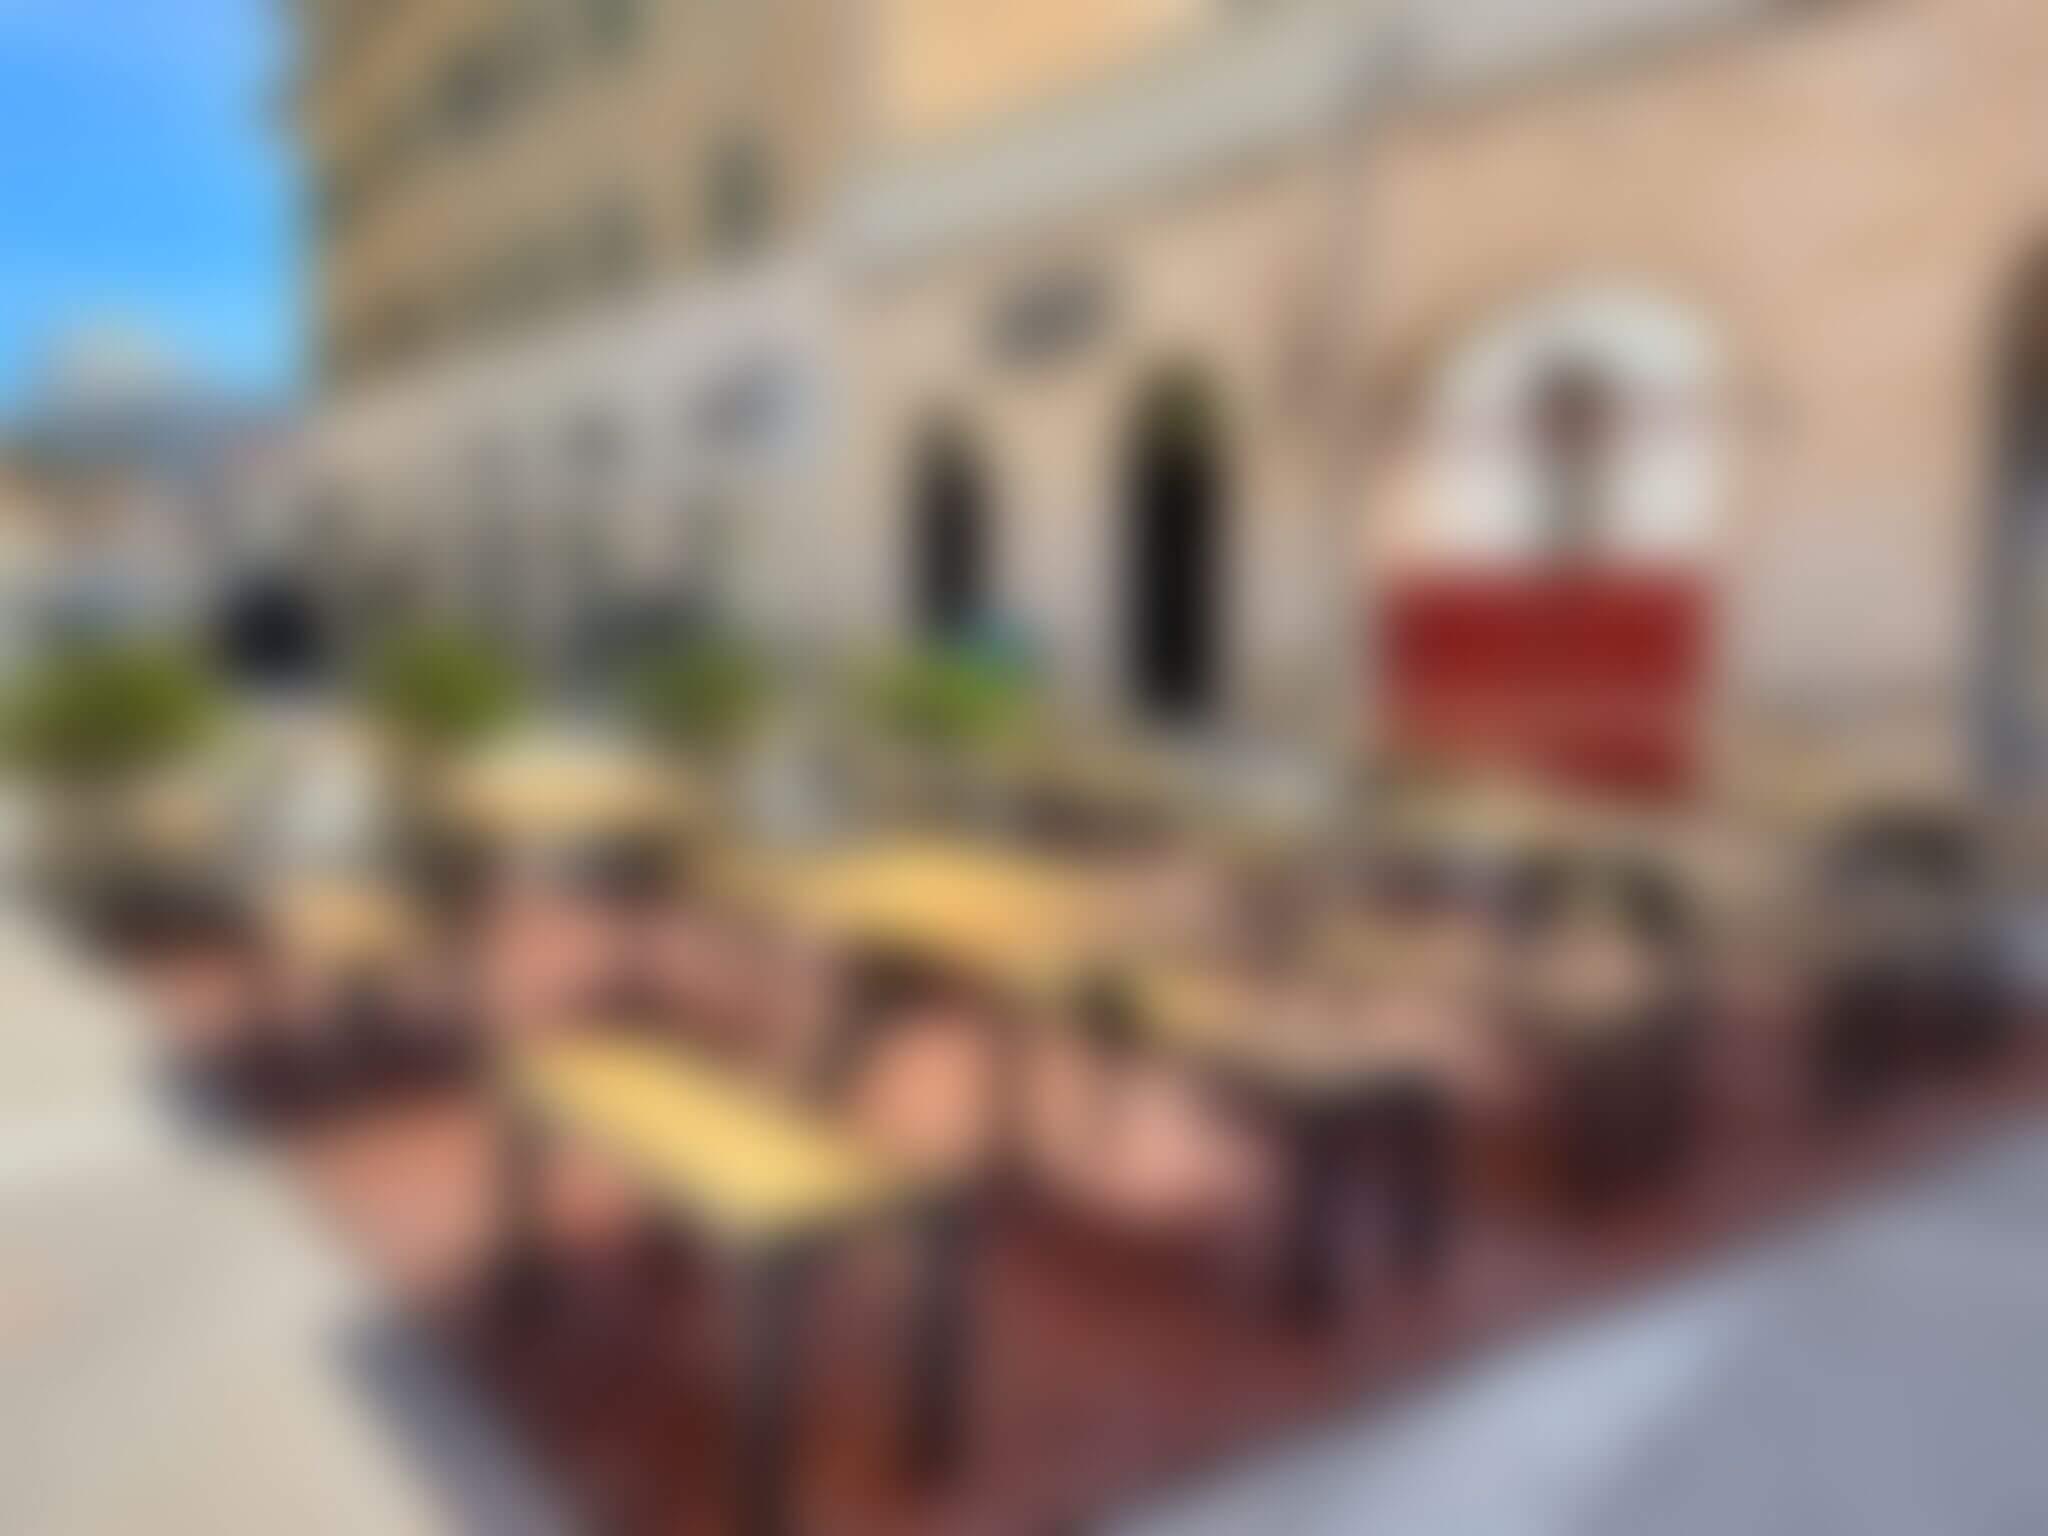 Idealno mjesto za ručak i kavu: Menza otvorila terasu u centru, studenti će uživati na suncu